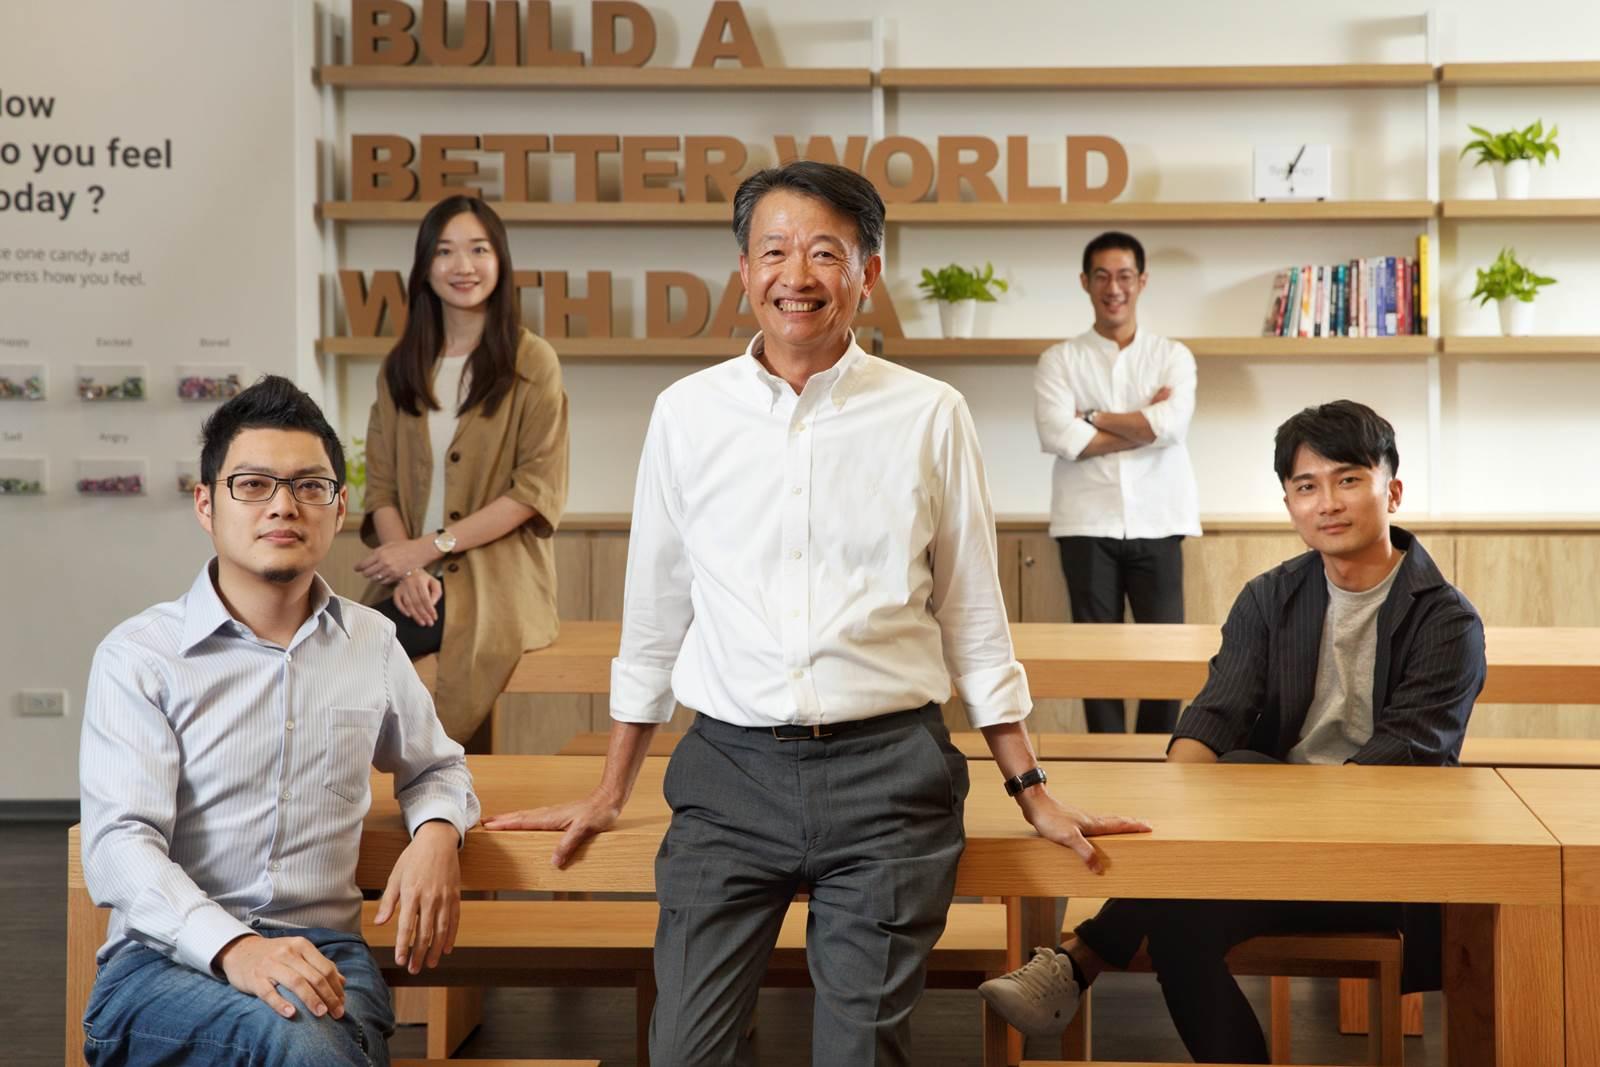 獨家專訪群暉創辦人翁英暉 他如何讓宏達電賺到第一桶金,打造百分之百MIT品牌?